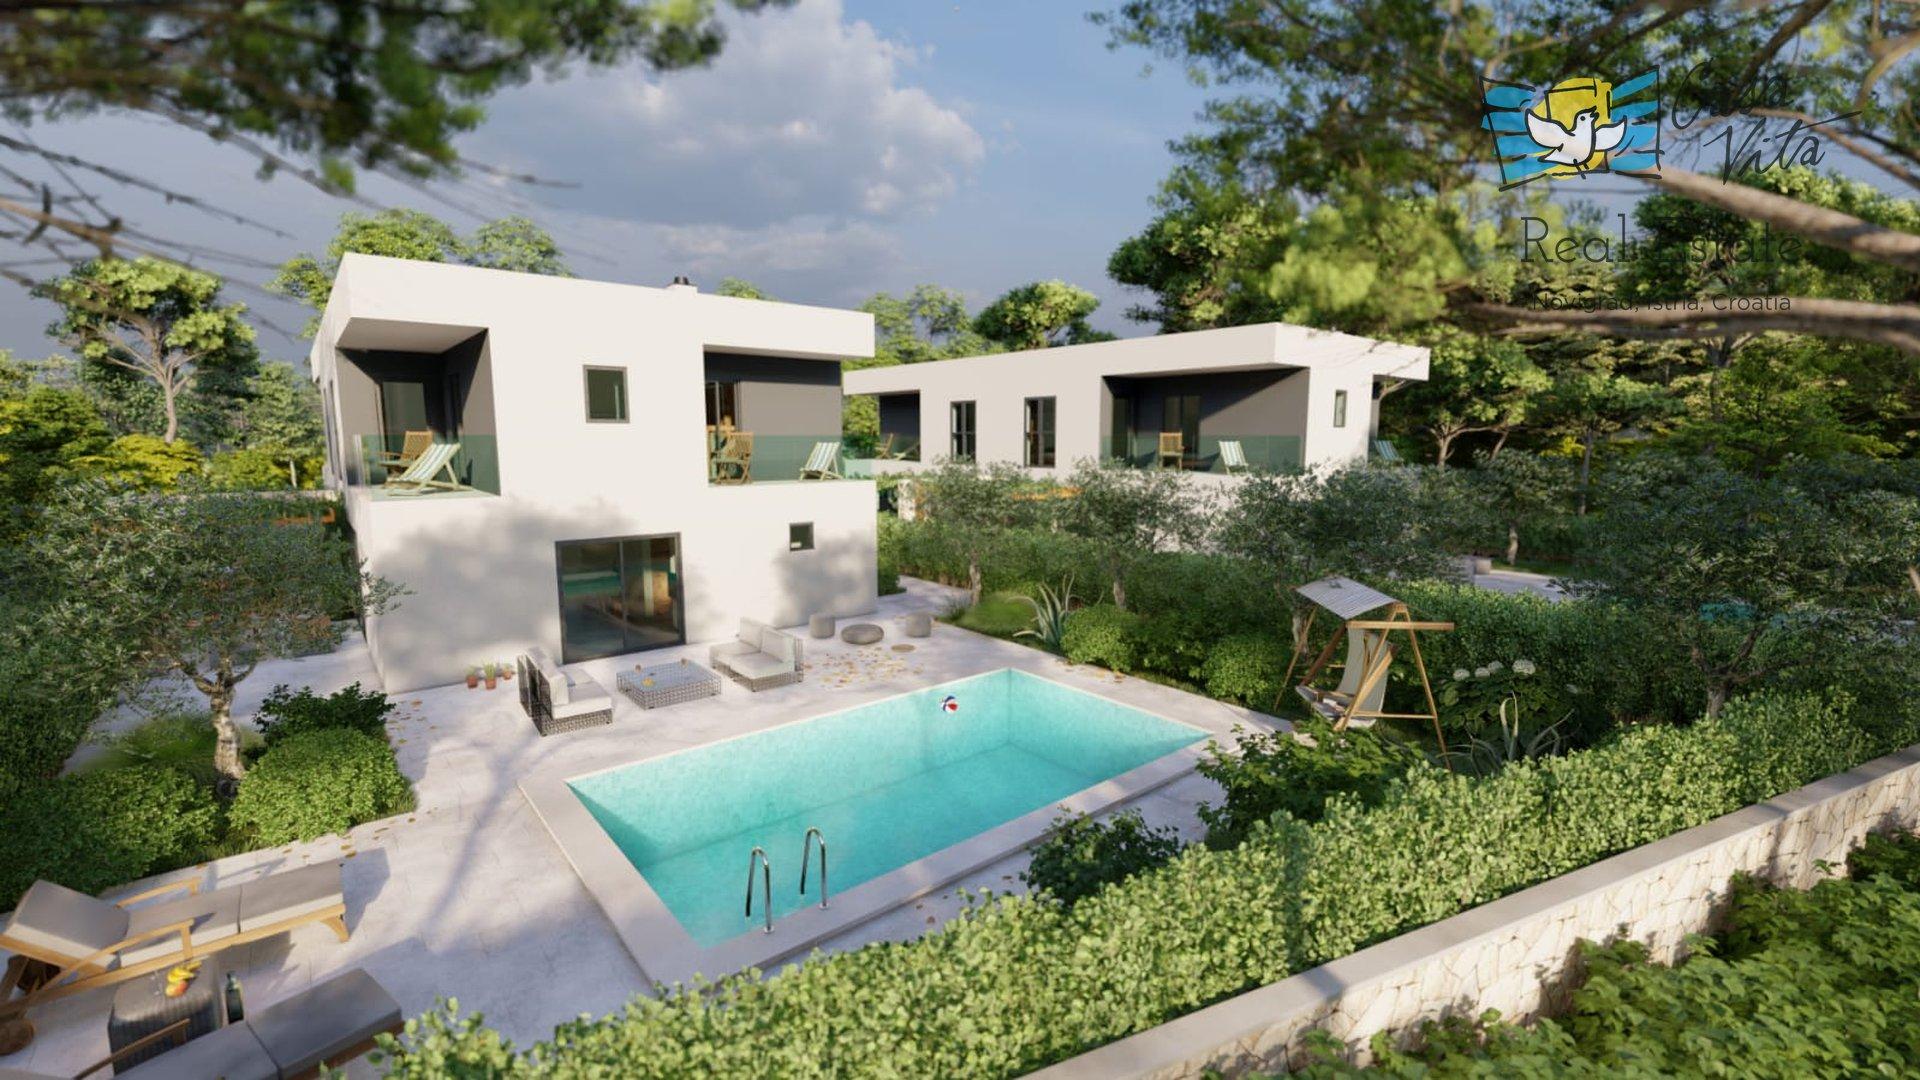 Moderne Häuser im Bau 1 km vom Meer und der Stadt Porec entfernt!